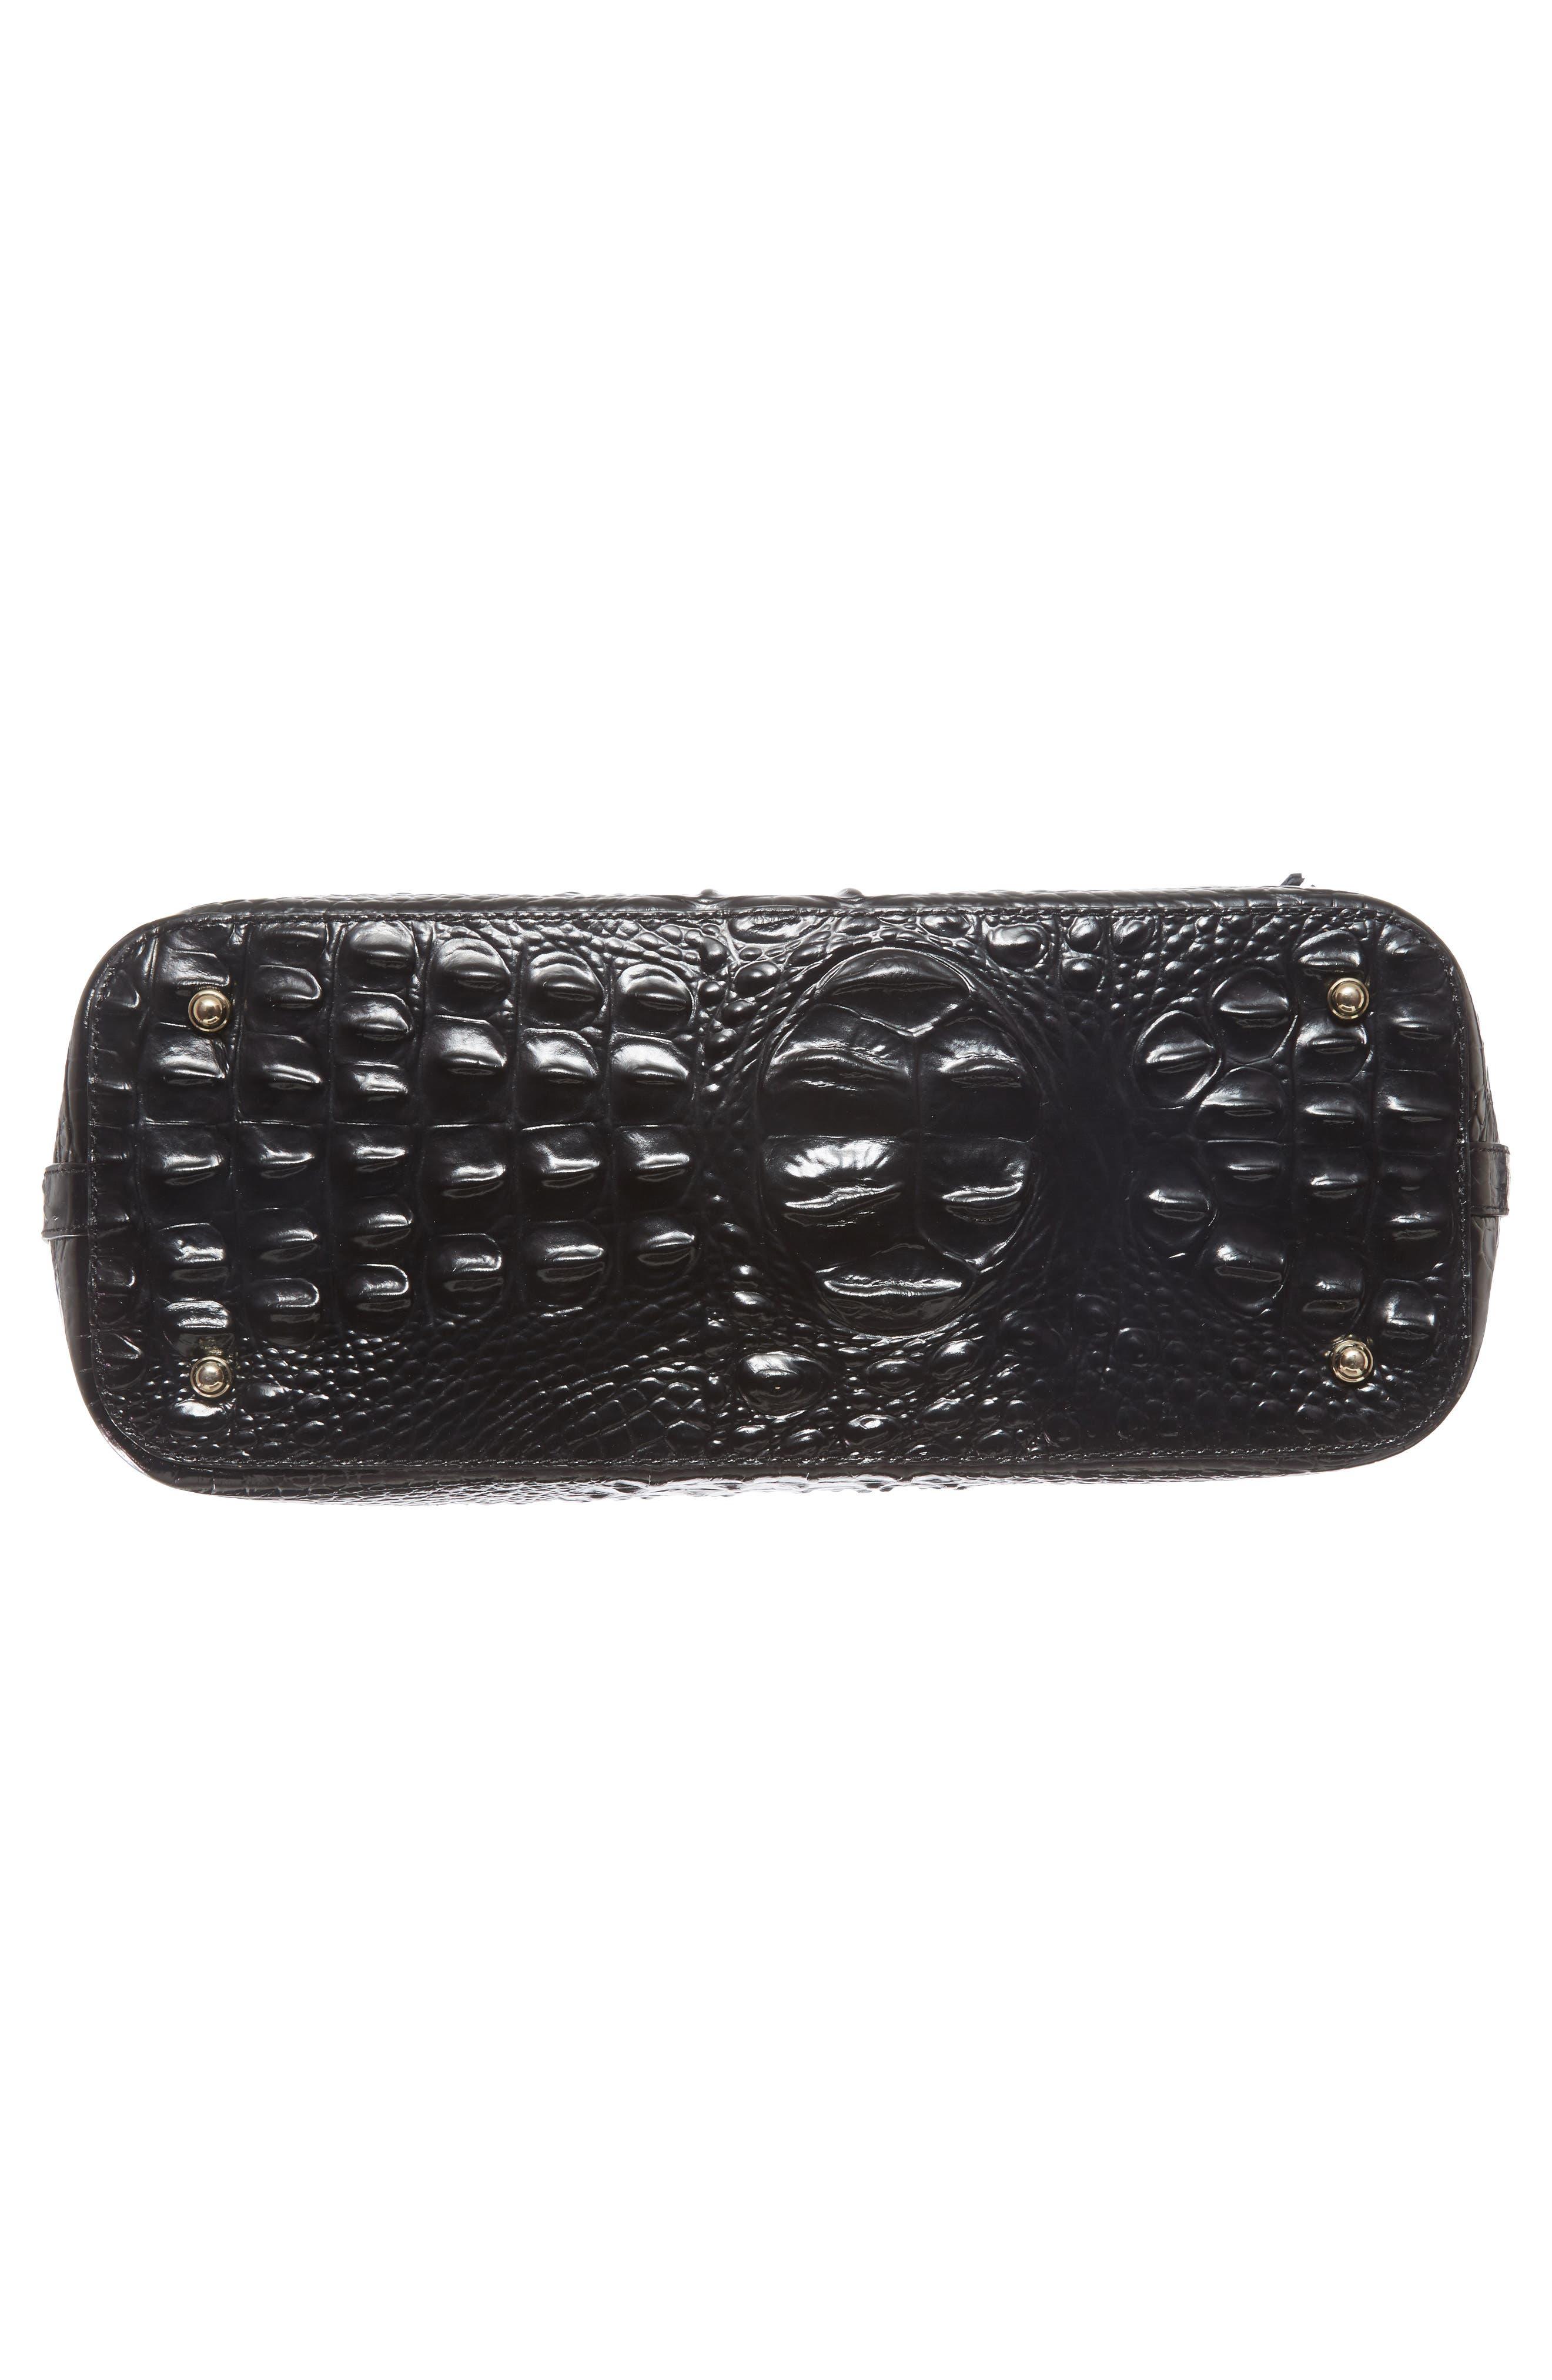 BRAHMIN, 'Medium Asher' Leather Tote, Alternate thumbnail 7, color, BLACK